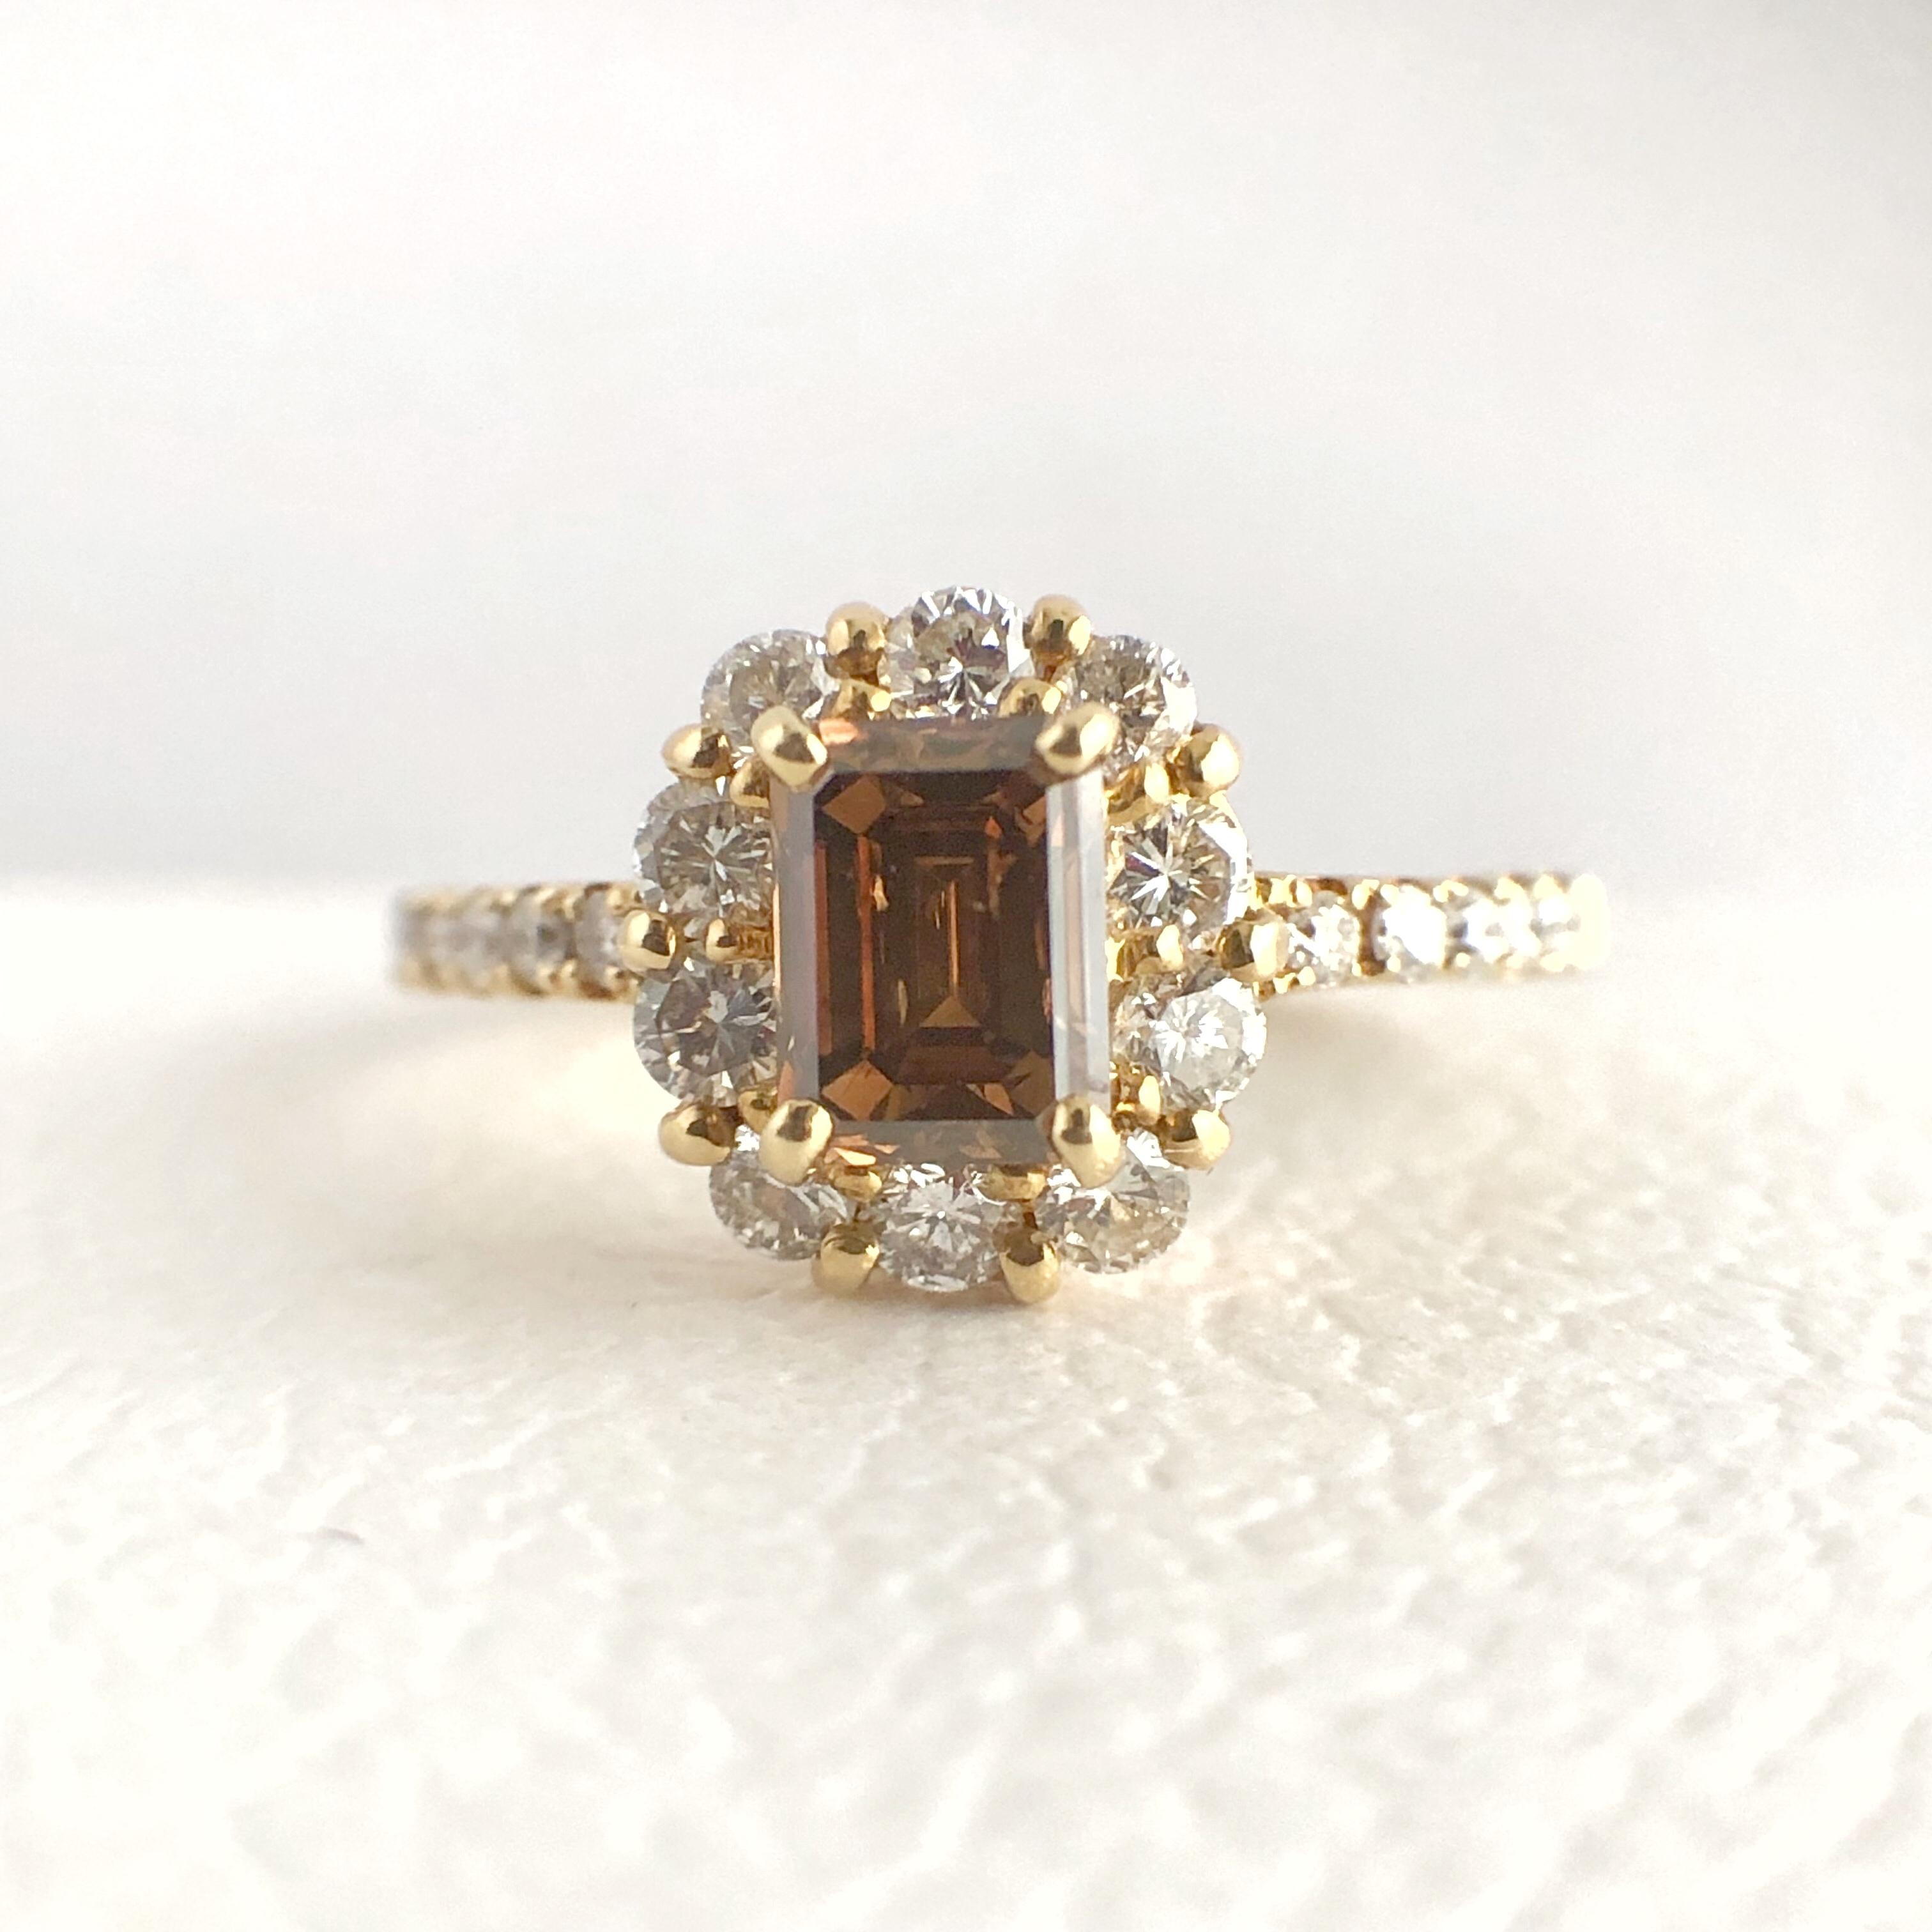 ブラウンダイヤモンド ヘイロー リング 0.571ct K18イエローゴールド  チェカ 鑑別書付